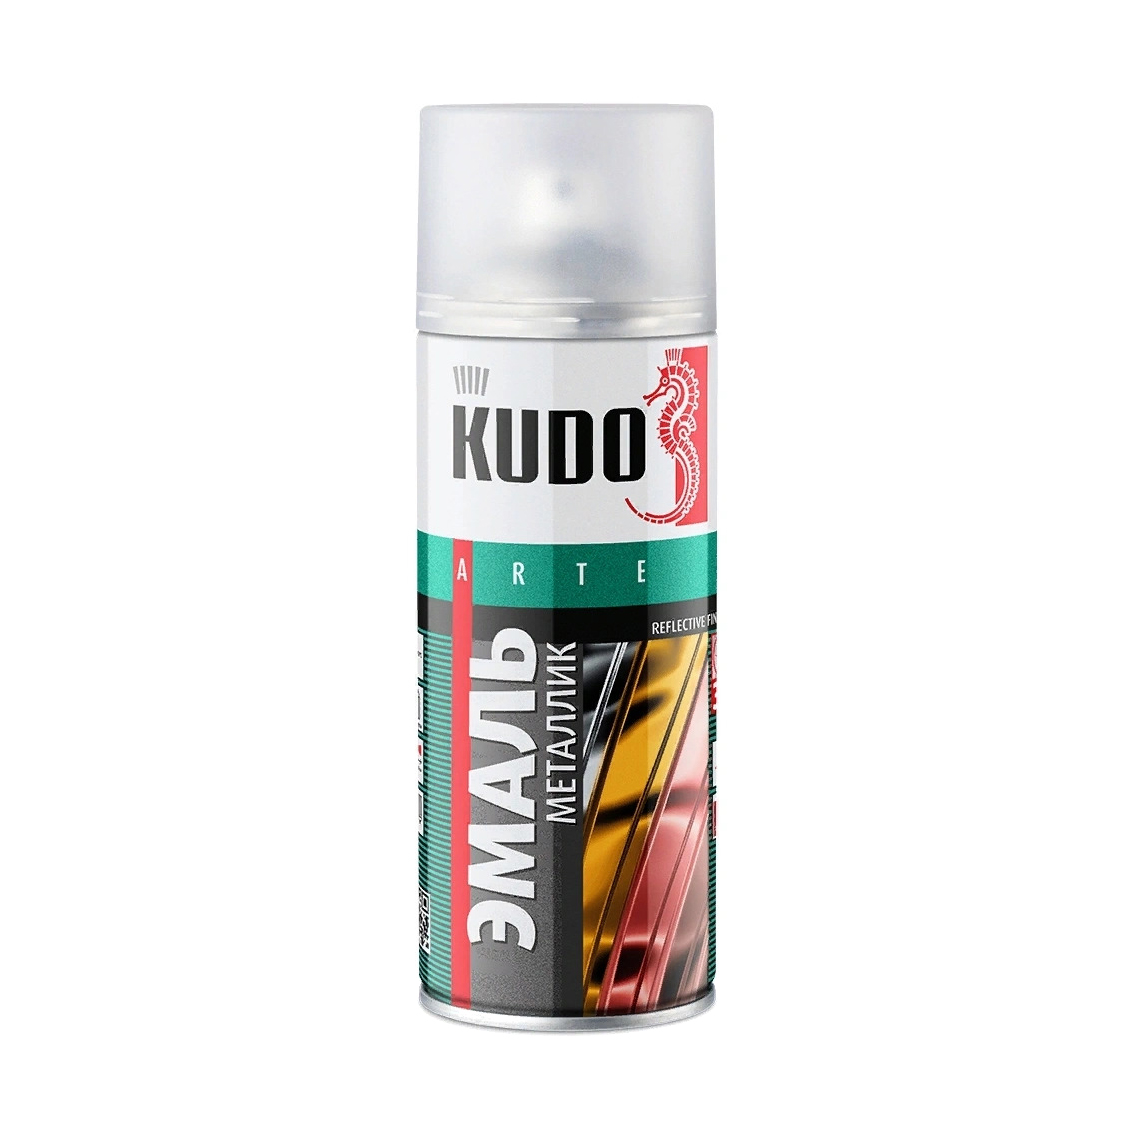 Эмаль Kudo металлик универсальная серебряная 520 мл эмаль аэрозольная kudo 1026 универсальная 520 мл серебро арт эк000013304